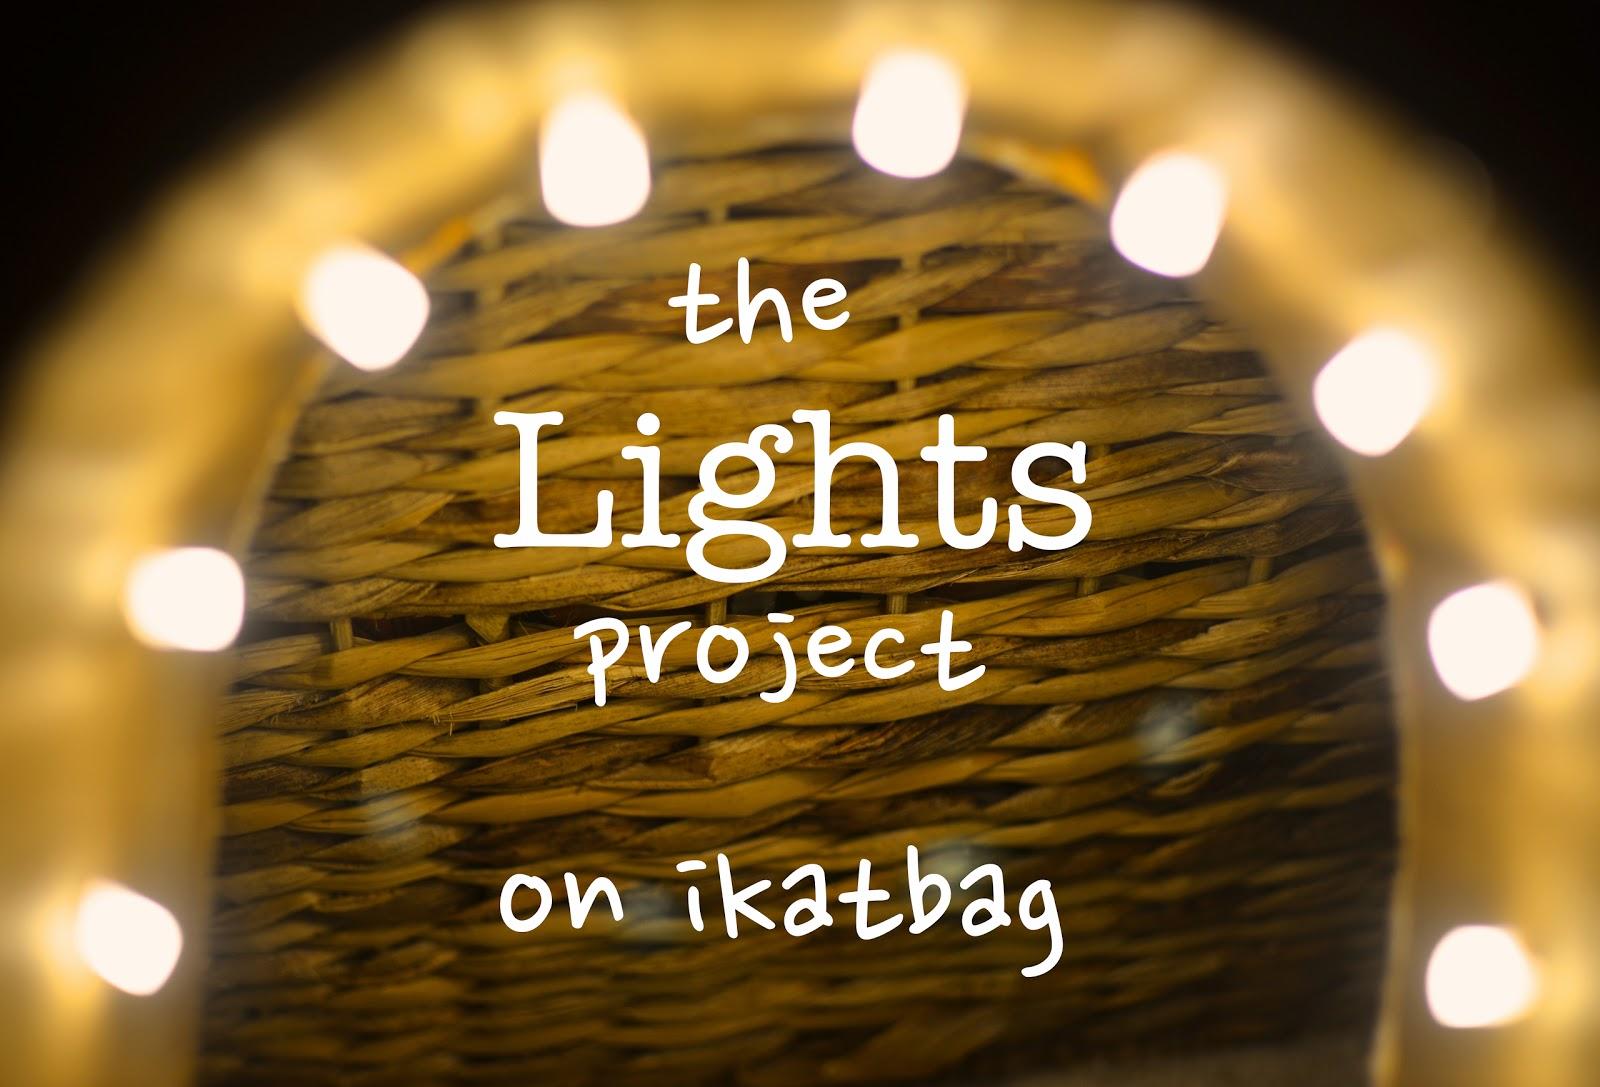 http://2.bp.blogspot.com/-PE4XD9iGplk/TumCgt6nzXI/AAAAAAAABkc/WoCJLNy8Peo/s1600/Lights.jpg